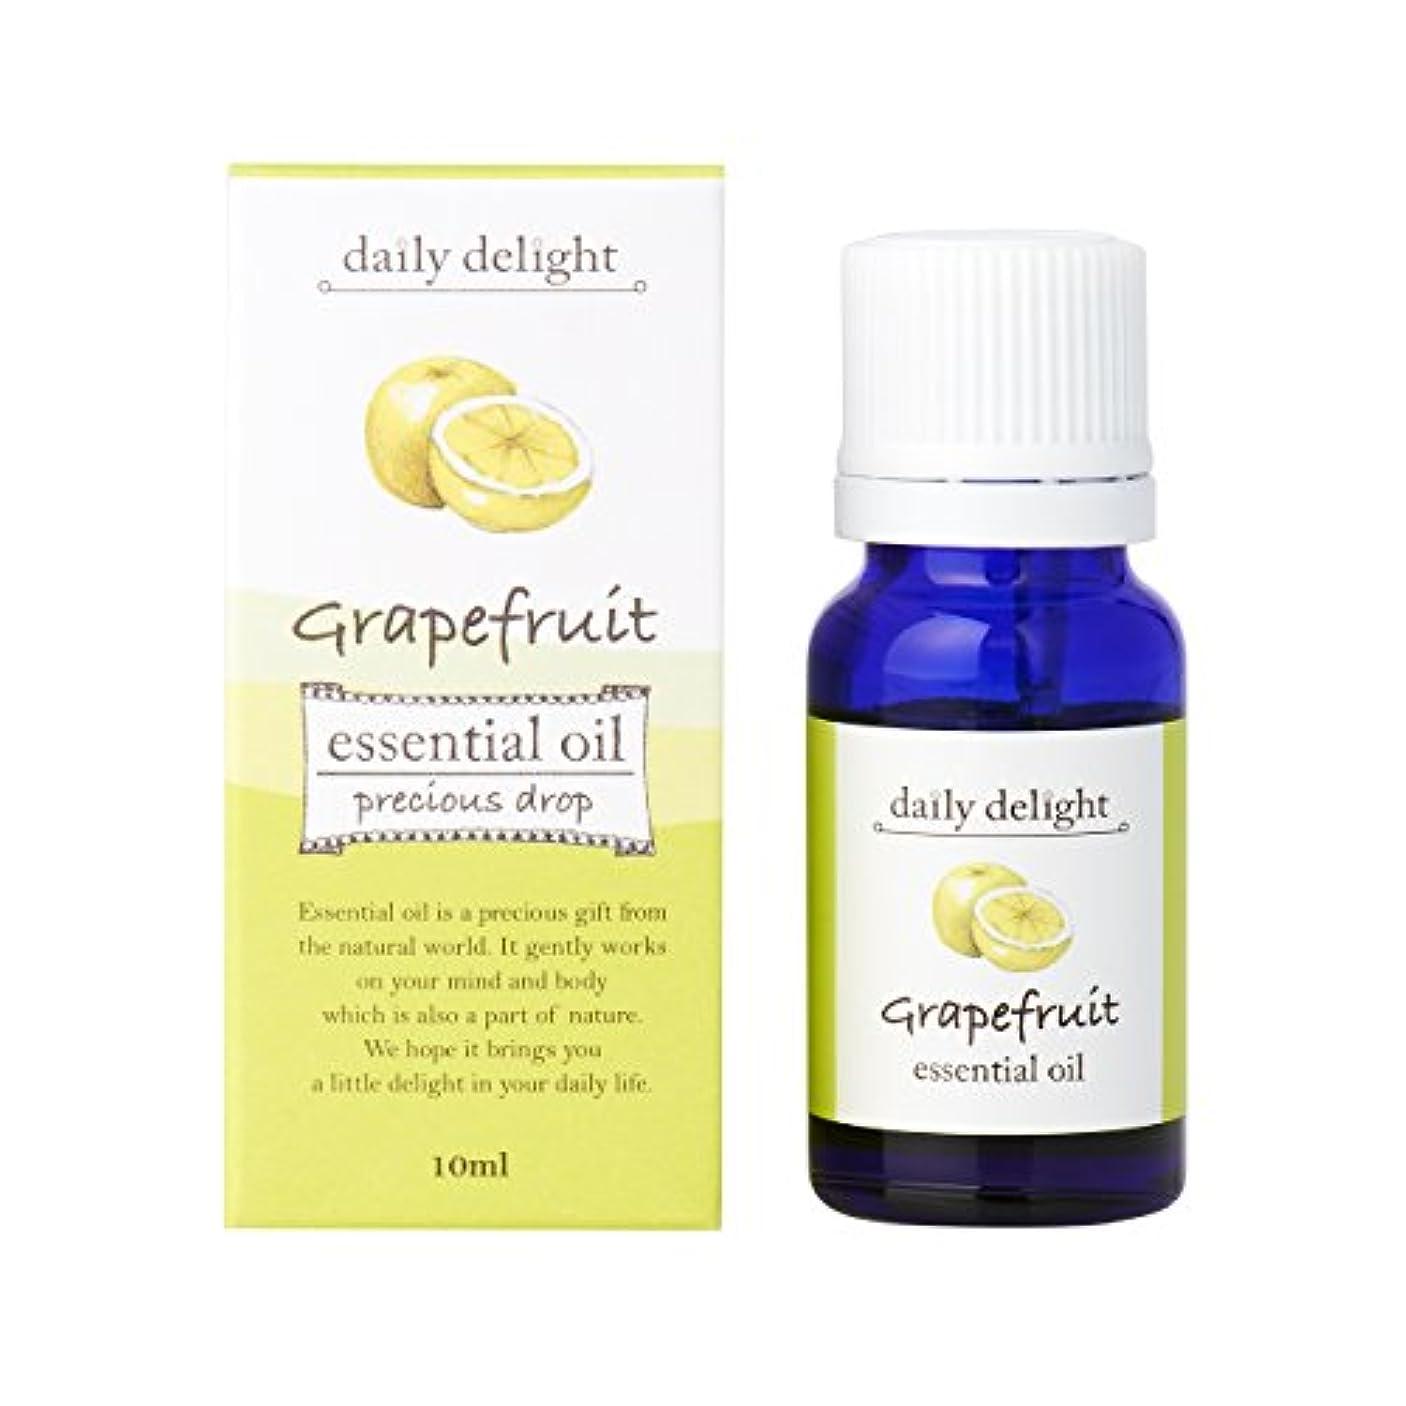 デイリーディライト エッセンシャルオイル  グレープフルーツ 10ml(天然100% 精油 アロマ 柑橘系 軽い甘さと酸味のバランスがよいシトラスの香り)